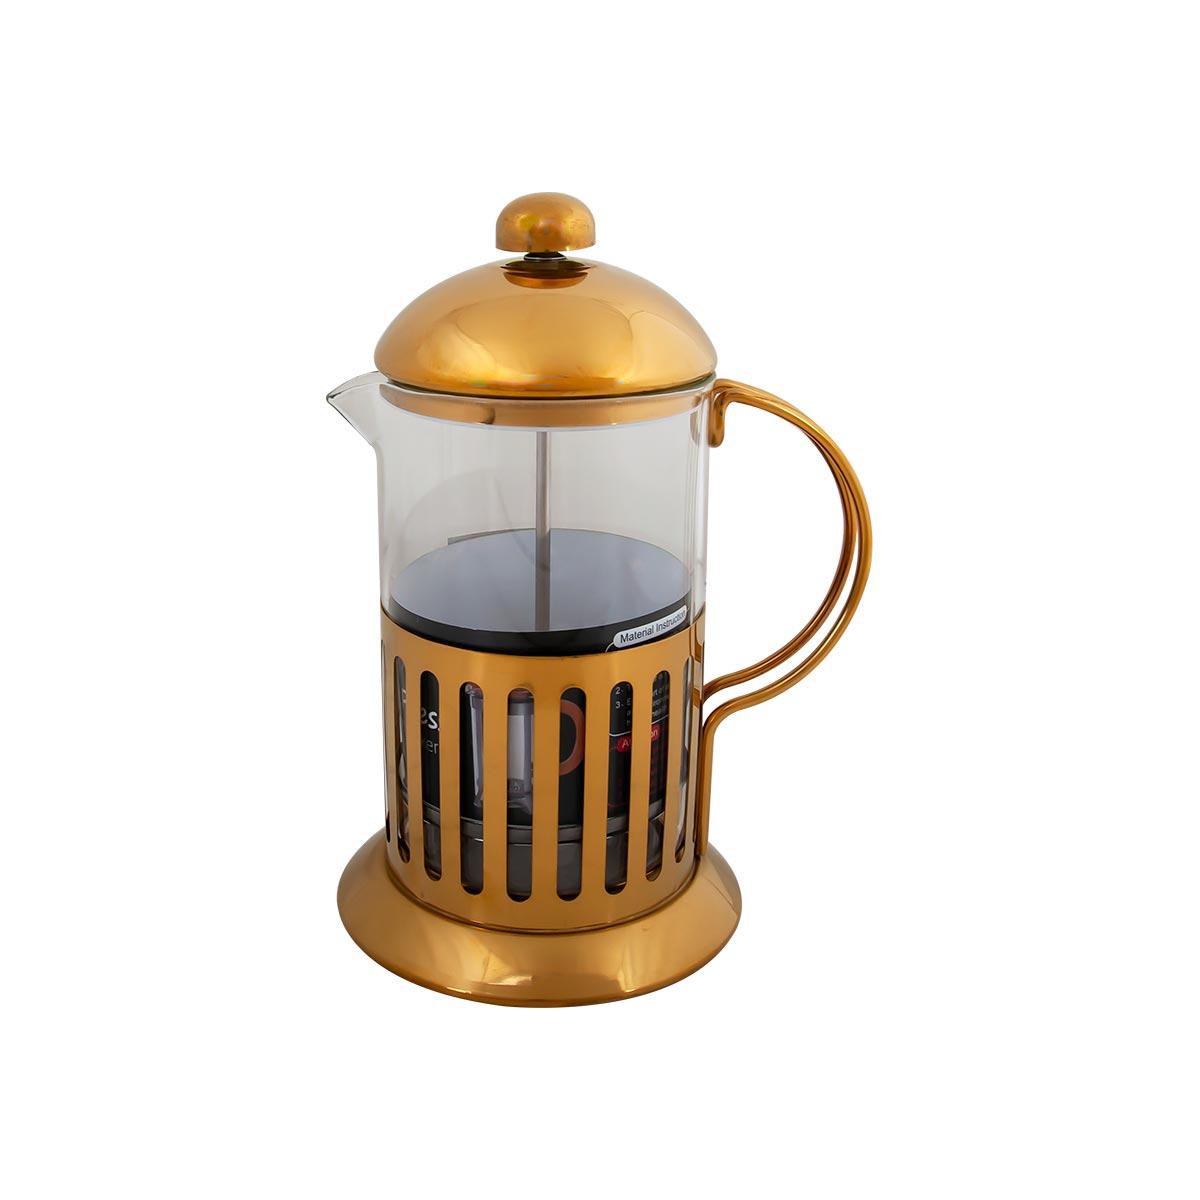 ابريق شاي زجاج بغطاء استيل ذهبي 800 مل رقم 97-JN3